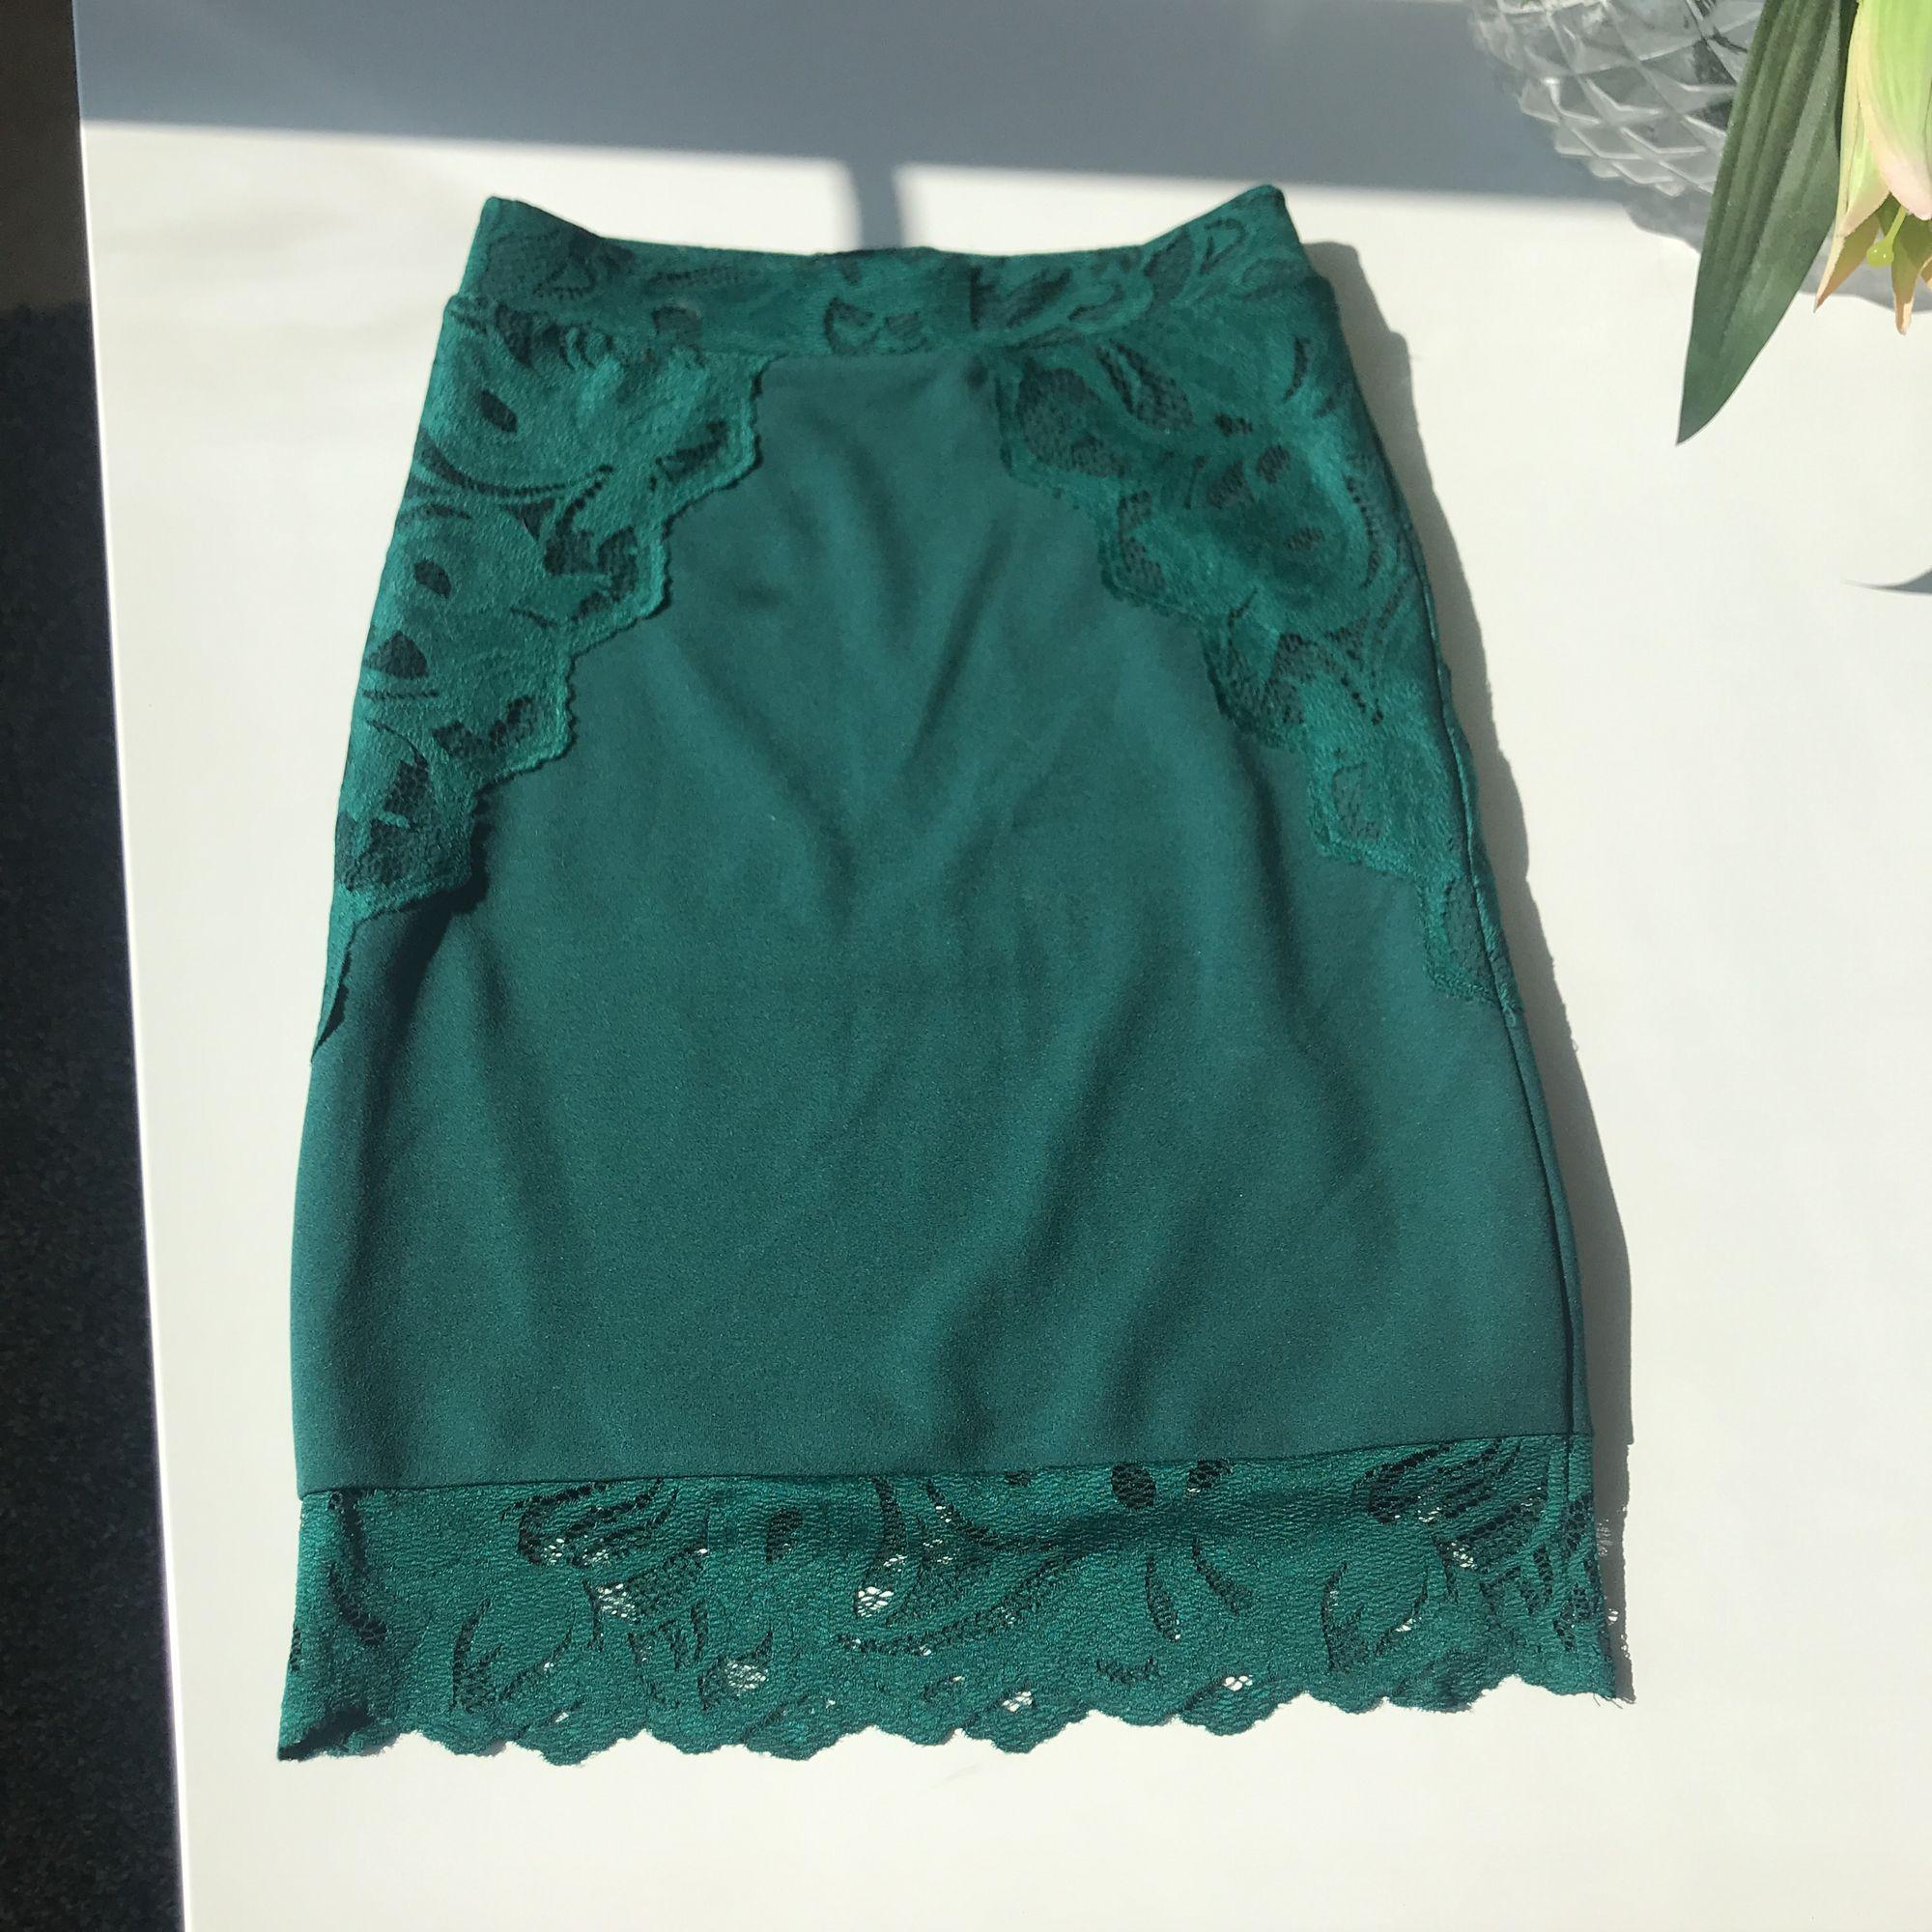 Smaragdgrön supersnygg pennkjol med spets detaljer. Oanvänd pga graviditet. Ljuset gör inte färgen rättvisa på bilden, den är kanon fin!! . Kjolar.